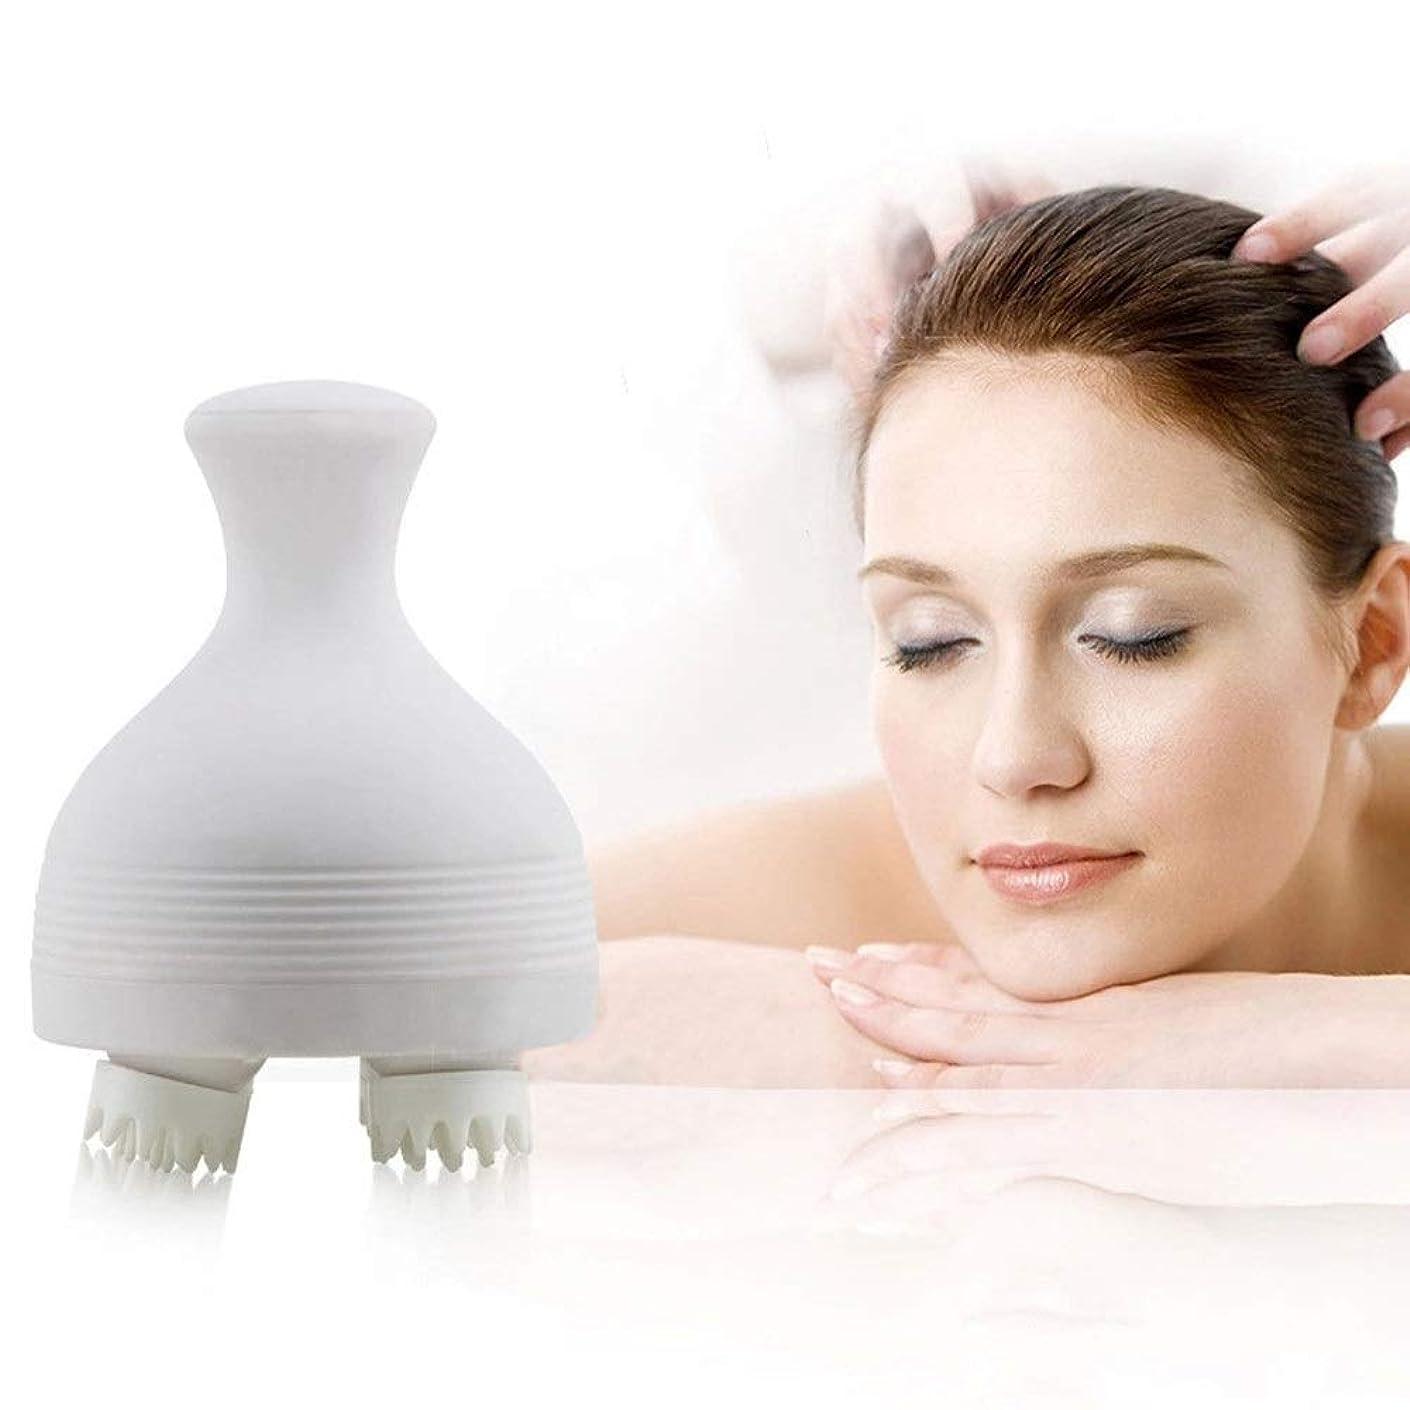 影響スポンサー低いヘッドスカルプマッサージ器具本体頸部ペット充電式充電式睡眠マルチ機能マッサージャーライフ防水